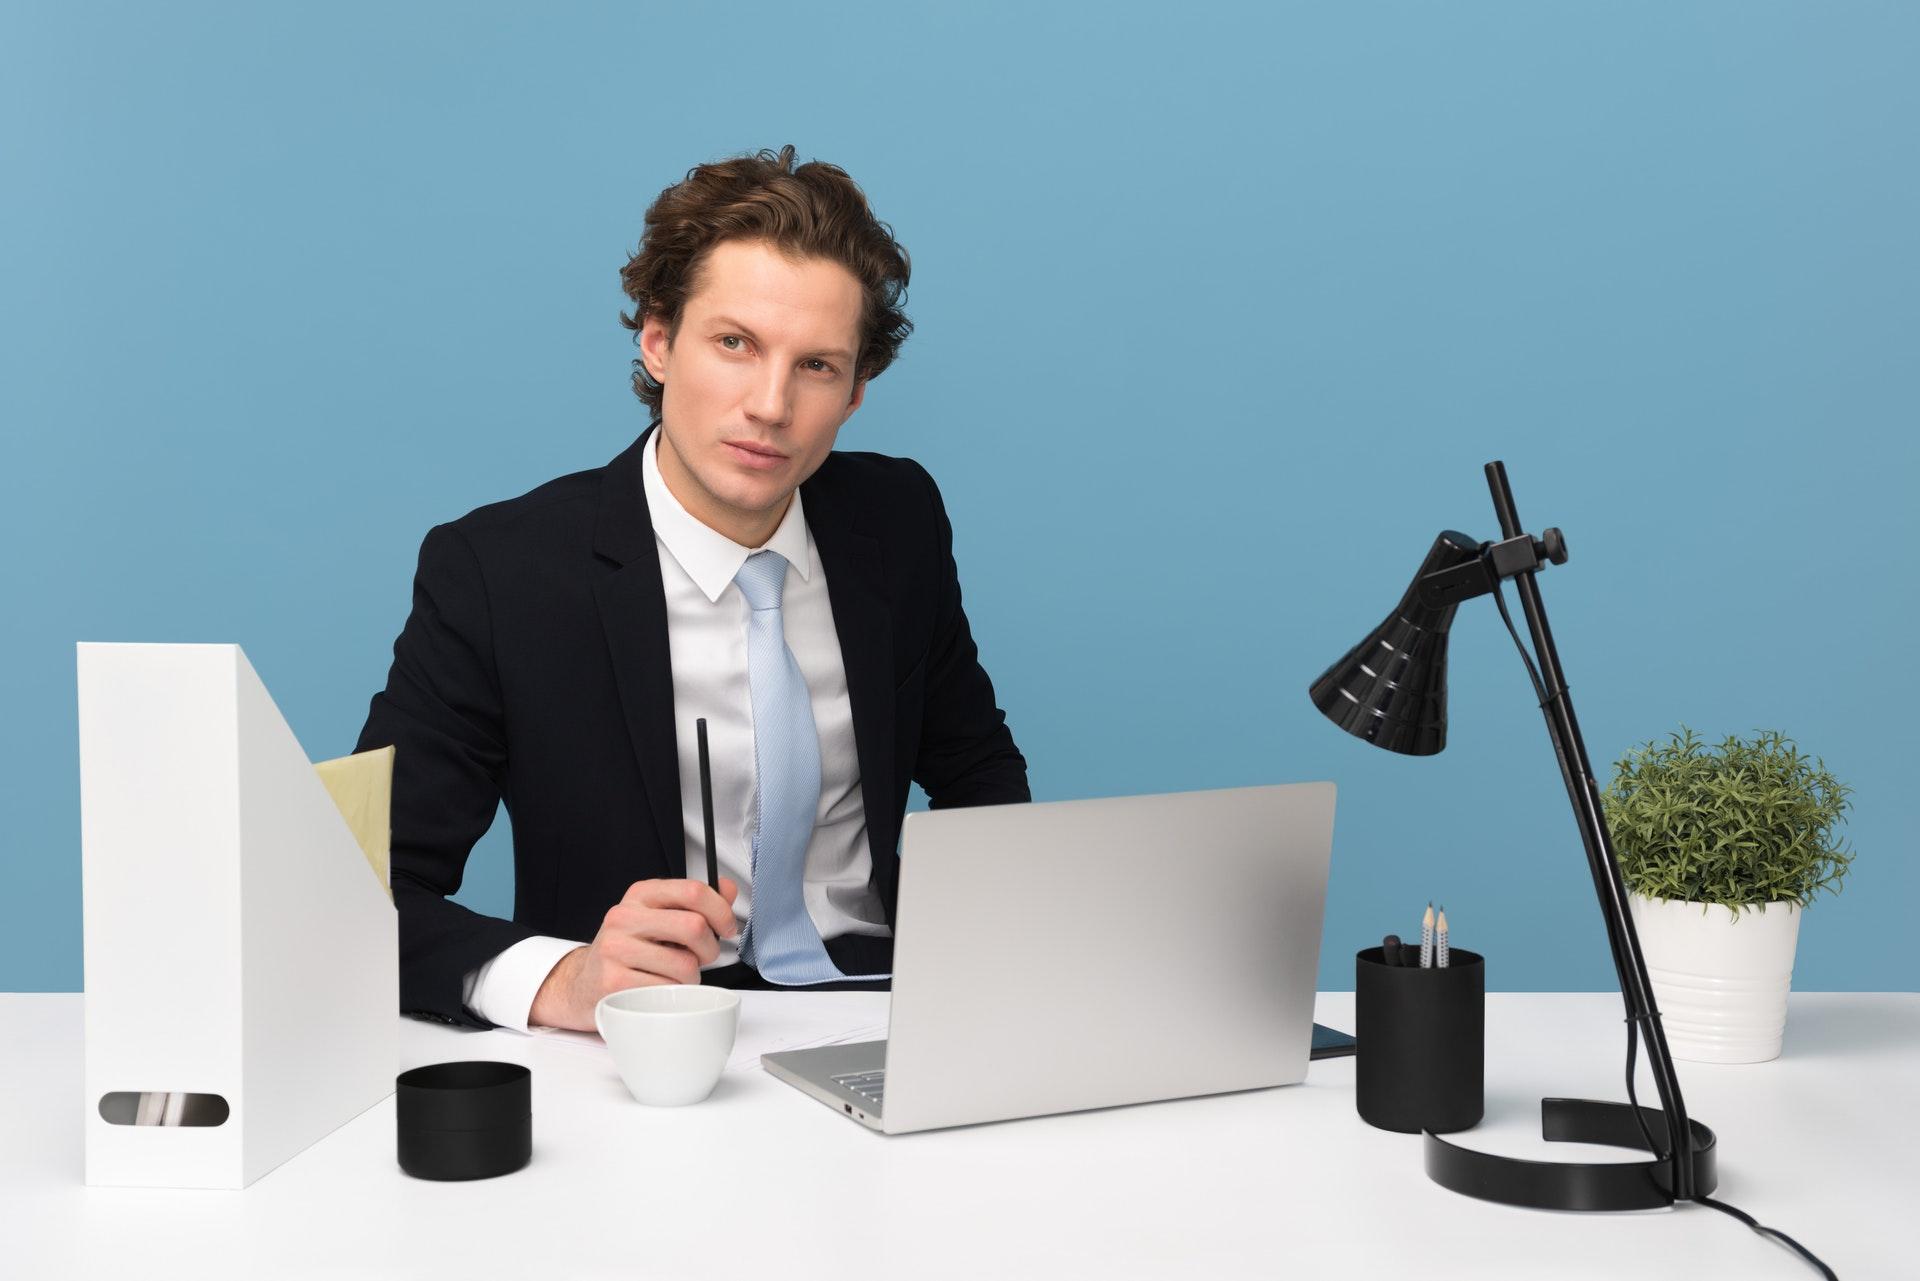 Vemos um empresário em uma mesa de escritório com um computador e uma luminária (imagem ilustrativa). Texto: tipos de empresas.